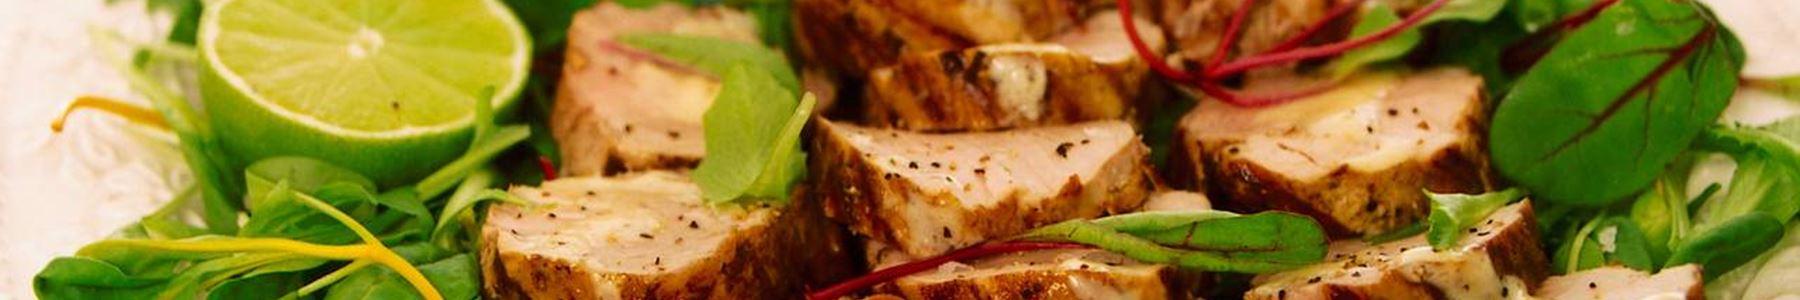 GI-metoden + Kött + Saftad